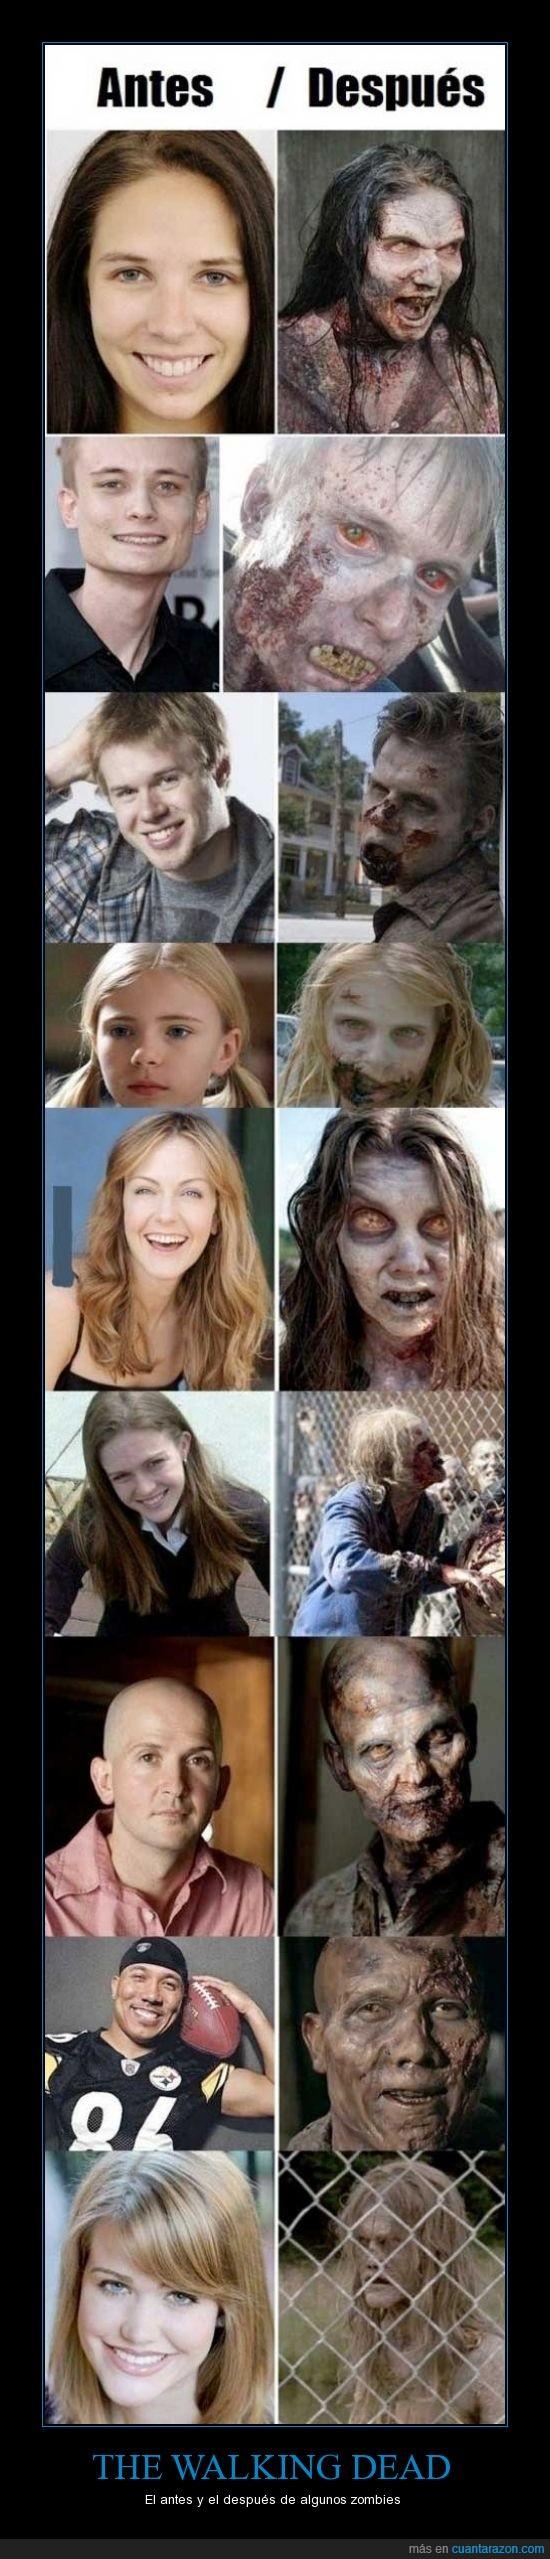 antes,caminantes,después,metamorfosis,The Walking Dead,transformación,zombies